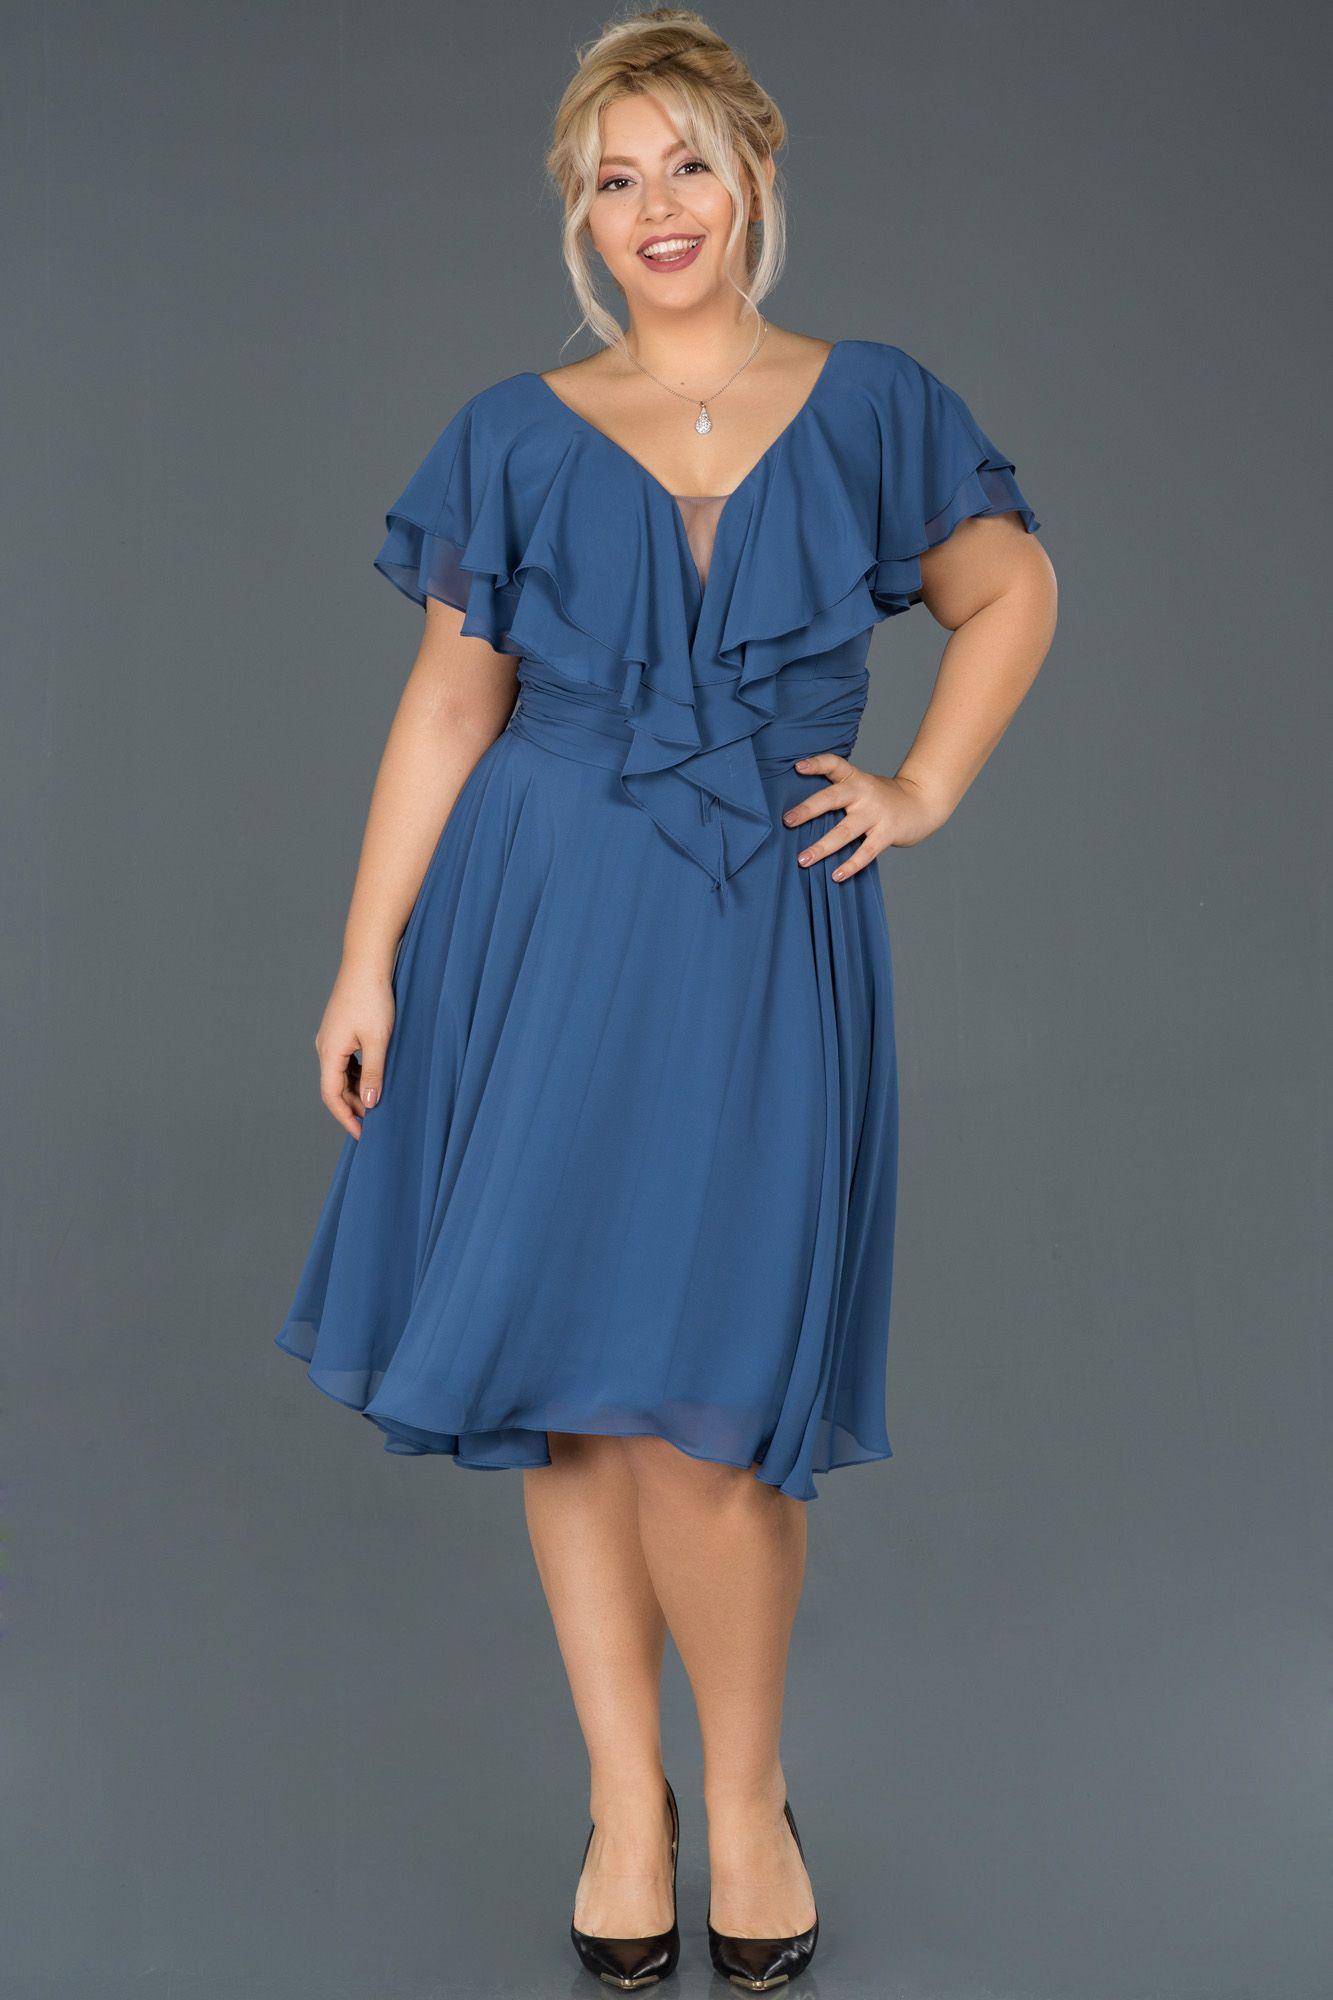 Indigo V Yaka Buyuk Beden Sifon Elbise Abk273 2020 Sifon Elbise Elbise Mini Elbise